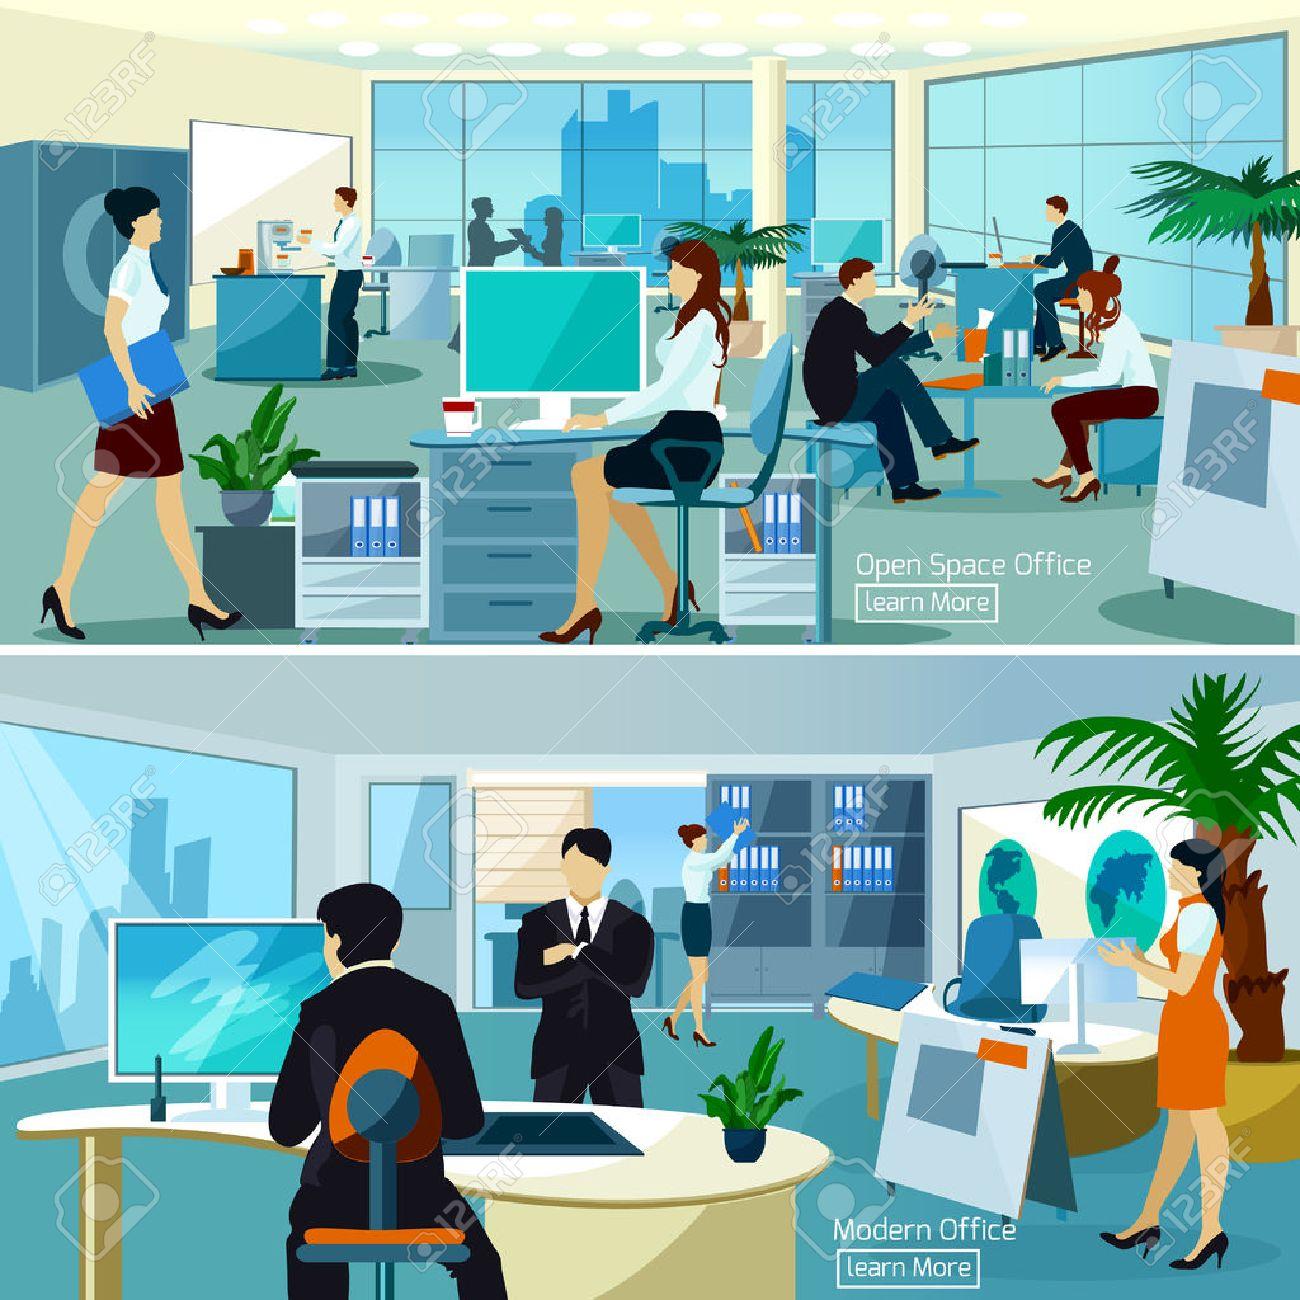 5 Skill Yang Wajib Dimiliki Oleh Karyawan